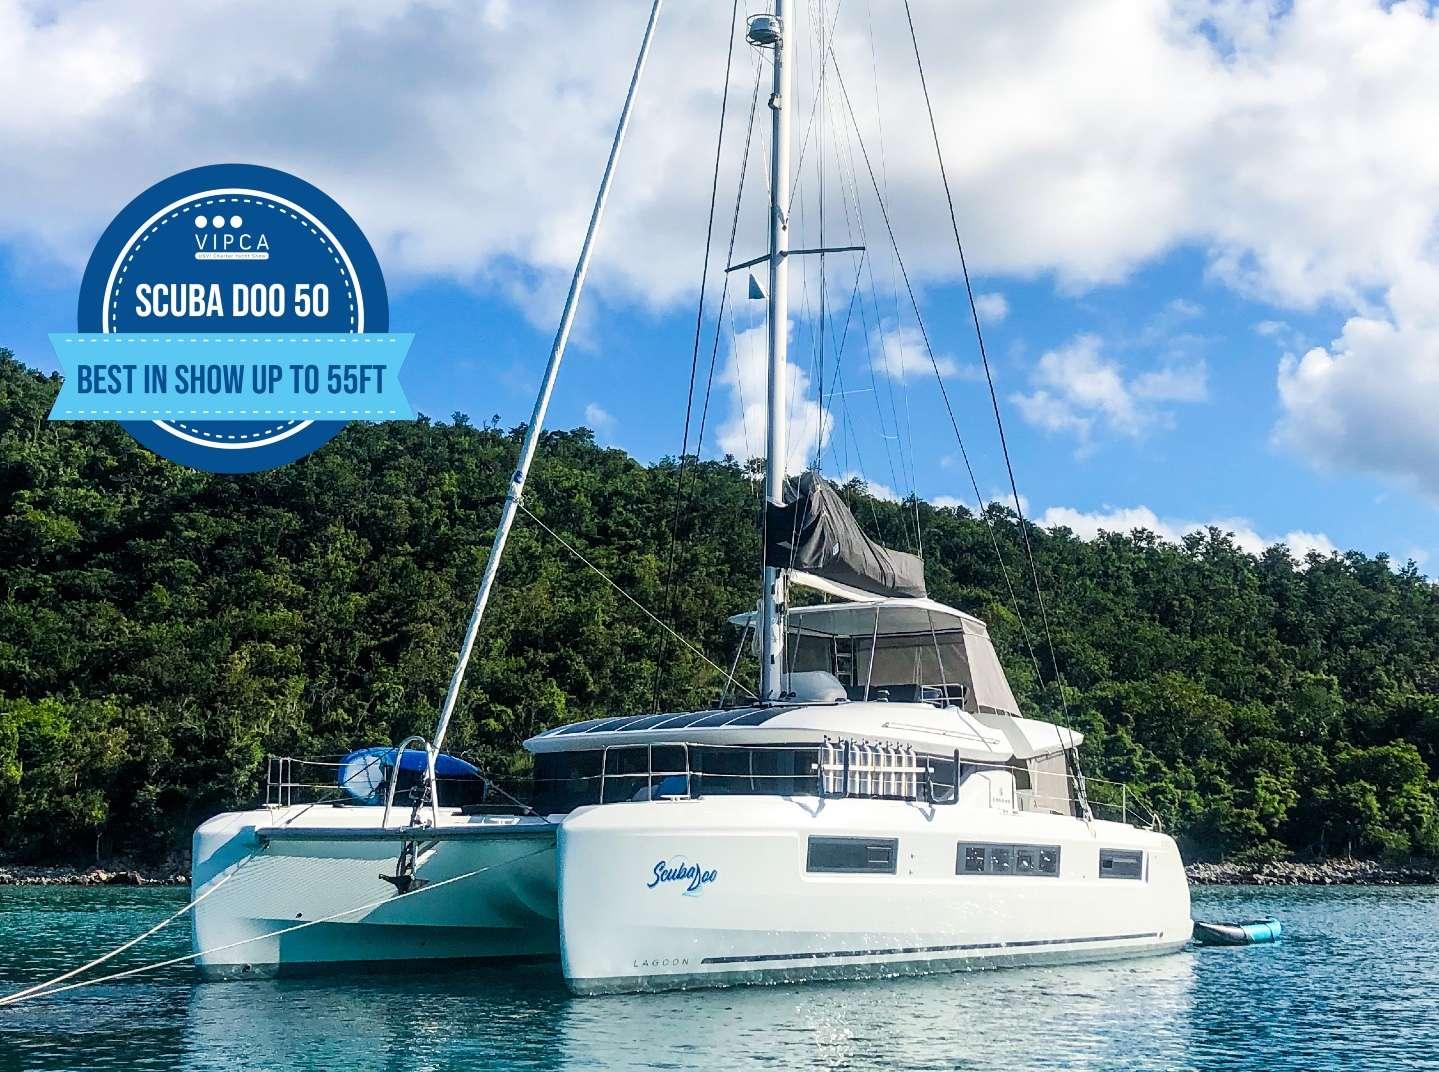 Main image of SCUBA DOO 50 yacht